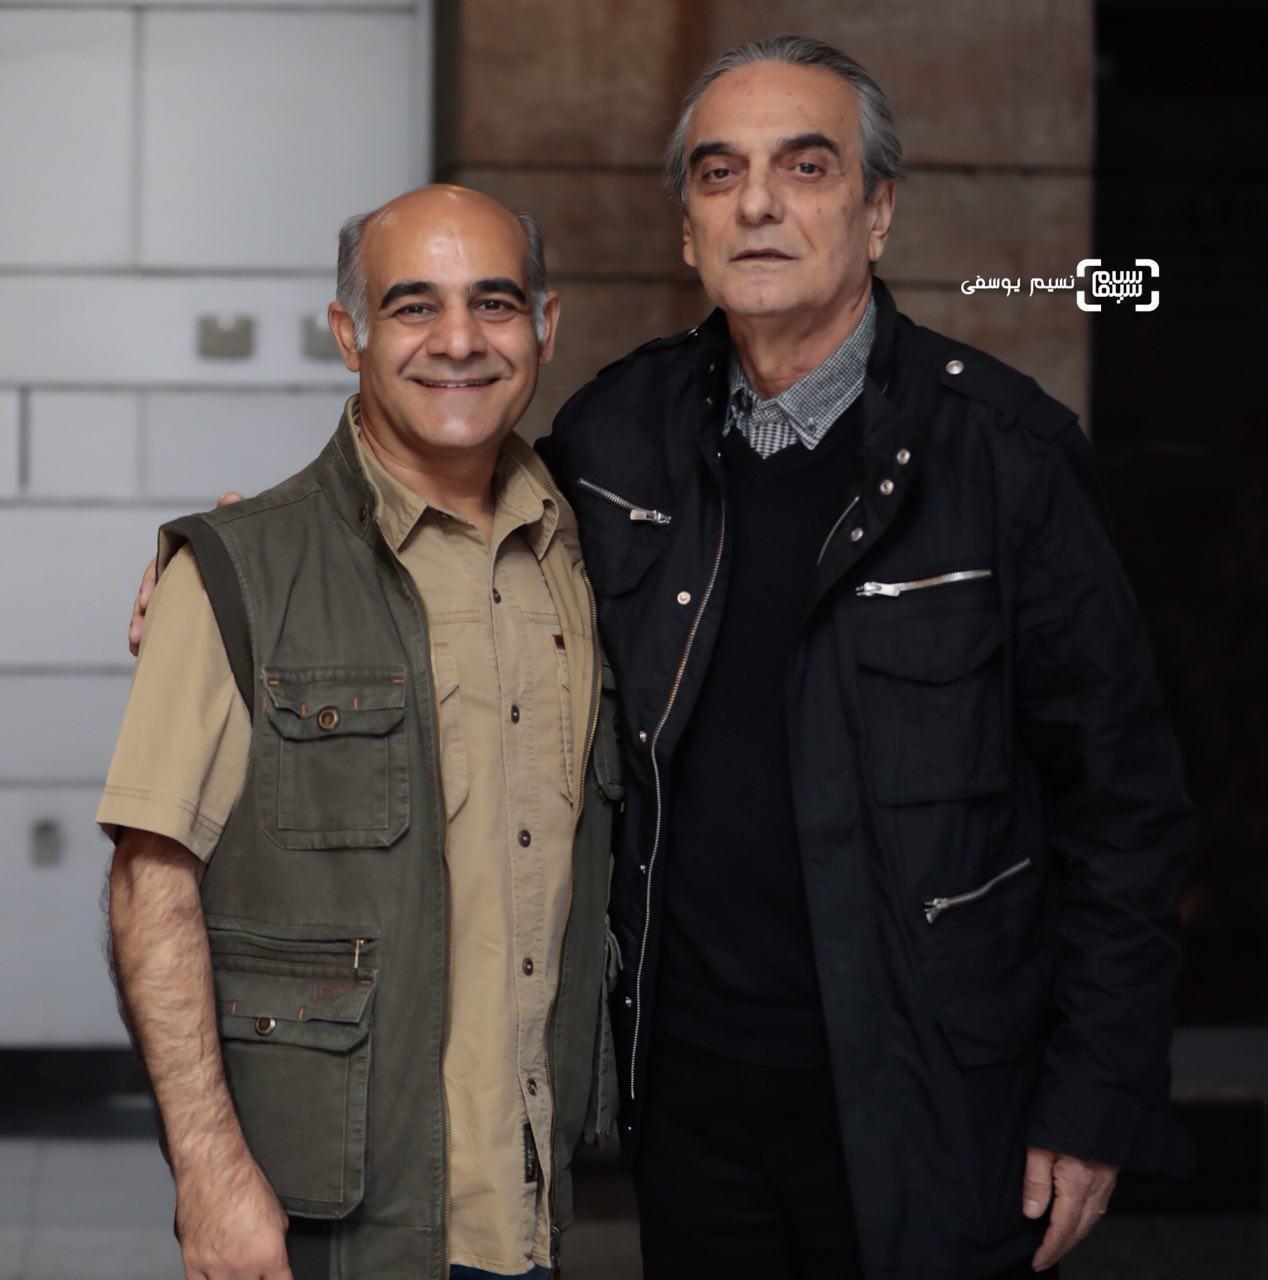 همایون ارشادی و سیاوش چراغی پور در اکران خصوصی فیلم «سرو زیر آب»